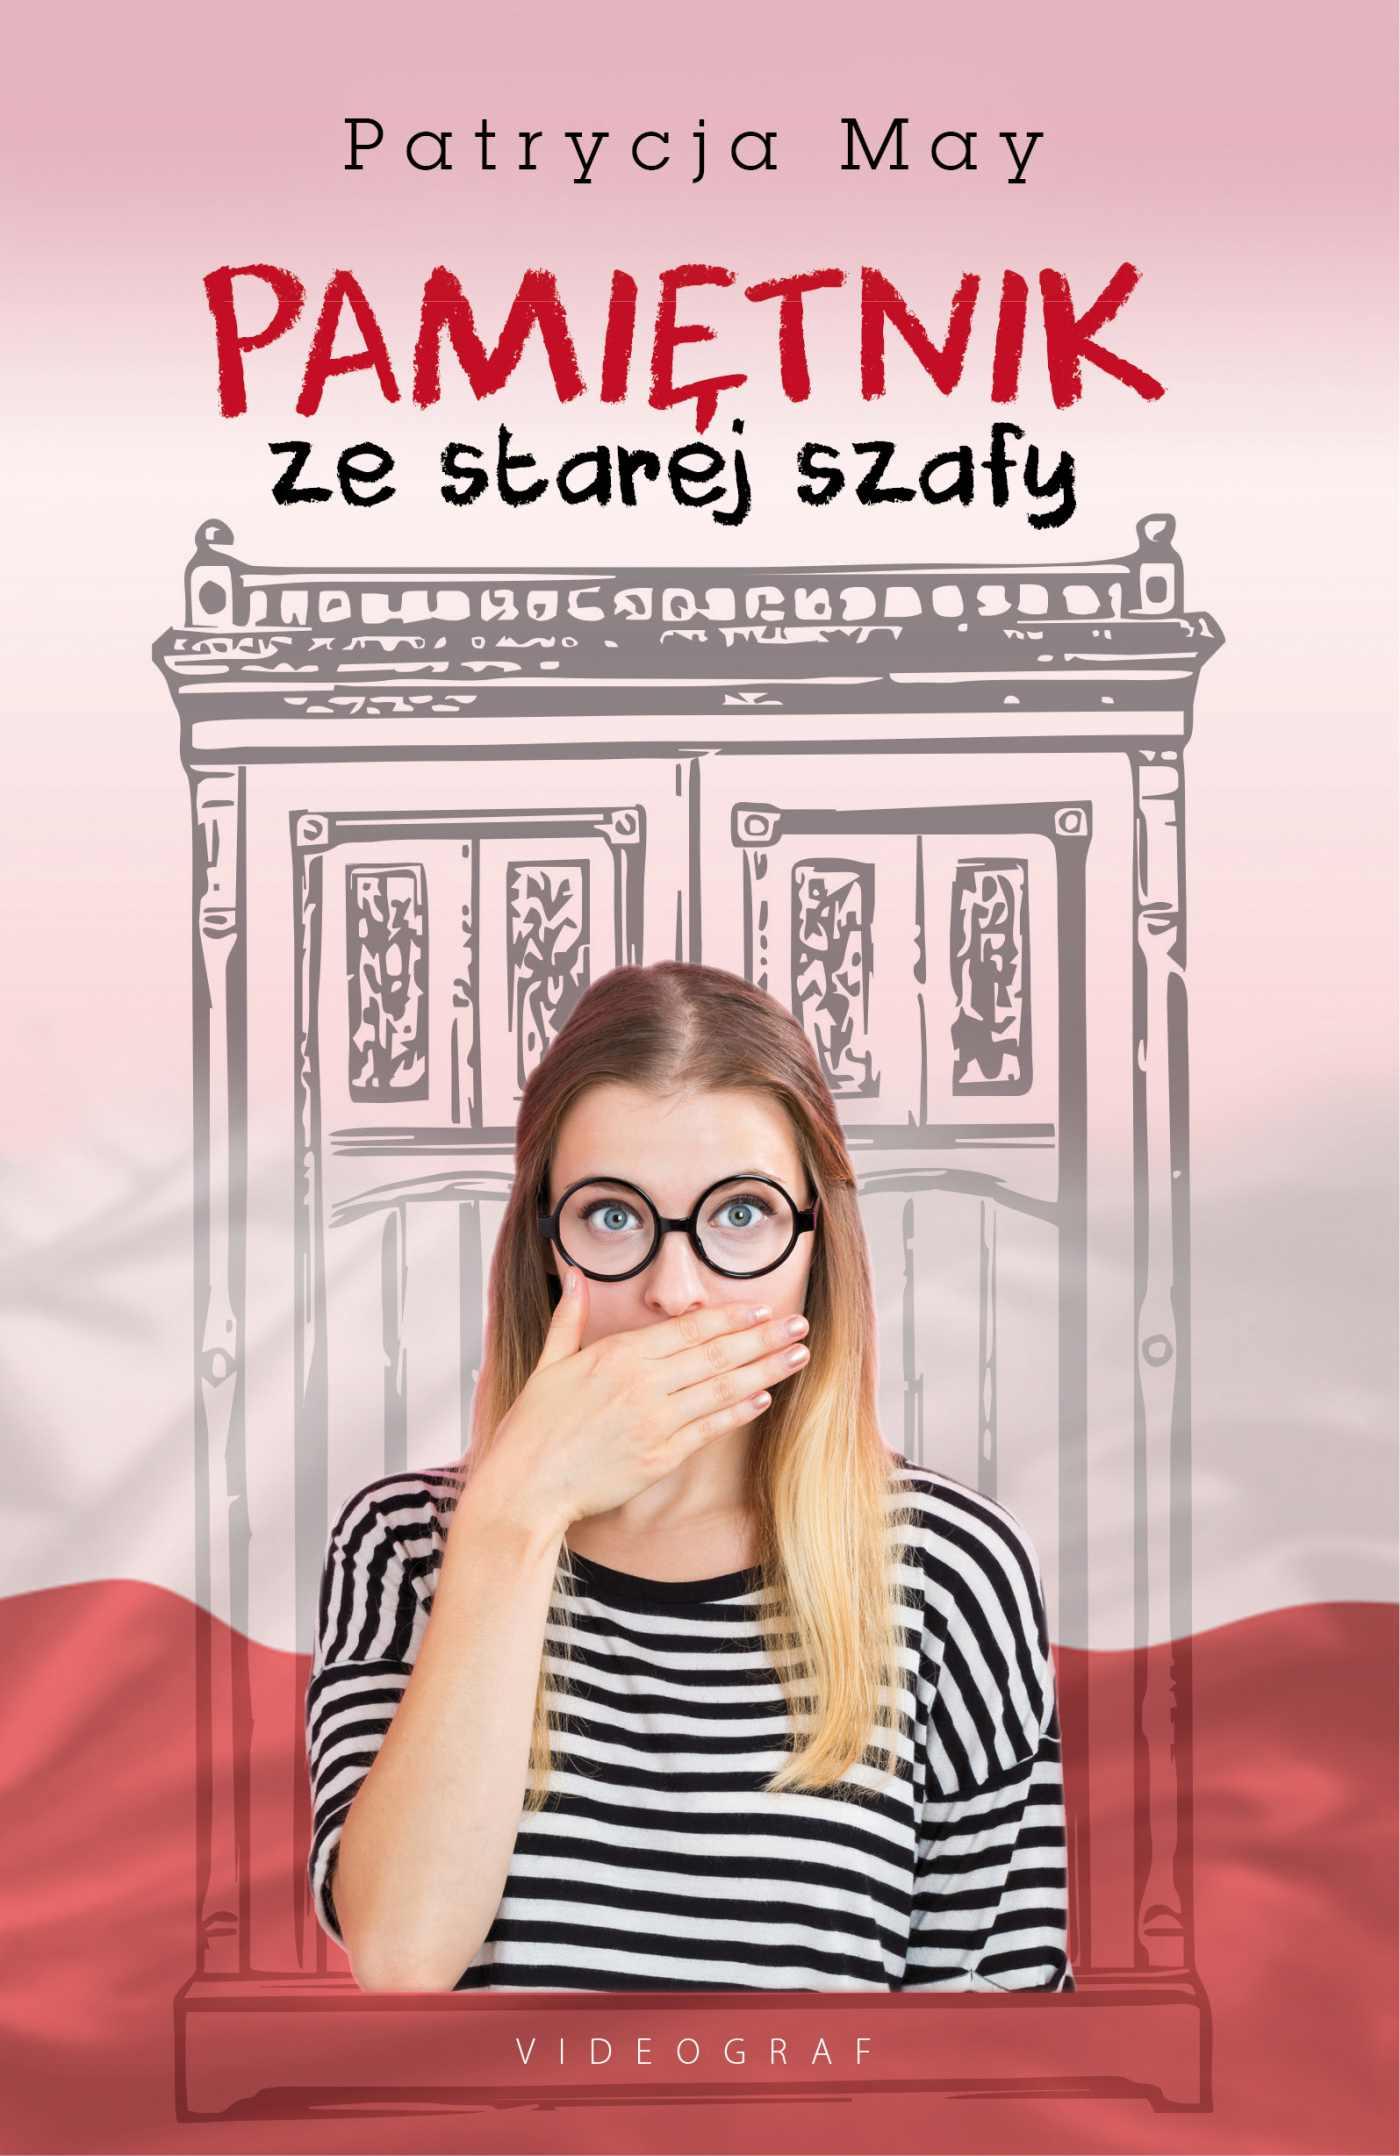 Pamiętnik ze starej szafy - Ebook (Książka EPUB) do pobrania w formacie EPUB